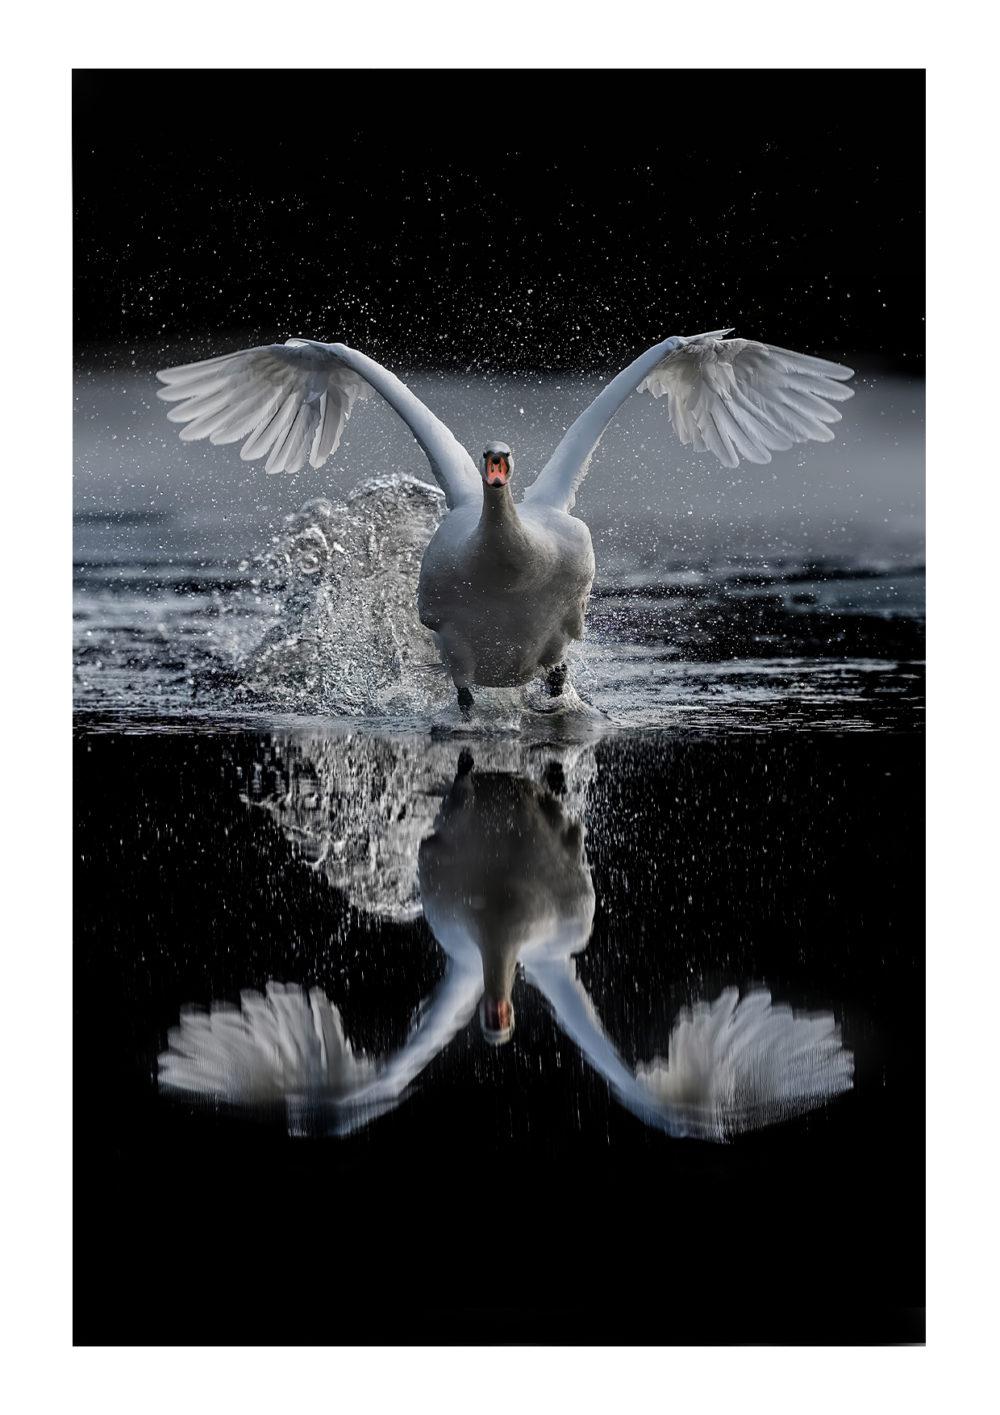 Swan Lake by Abi Warner